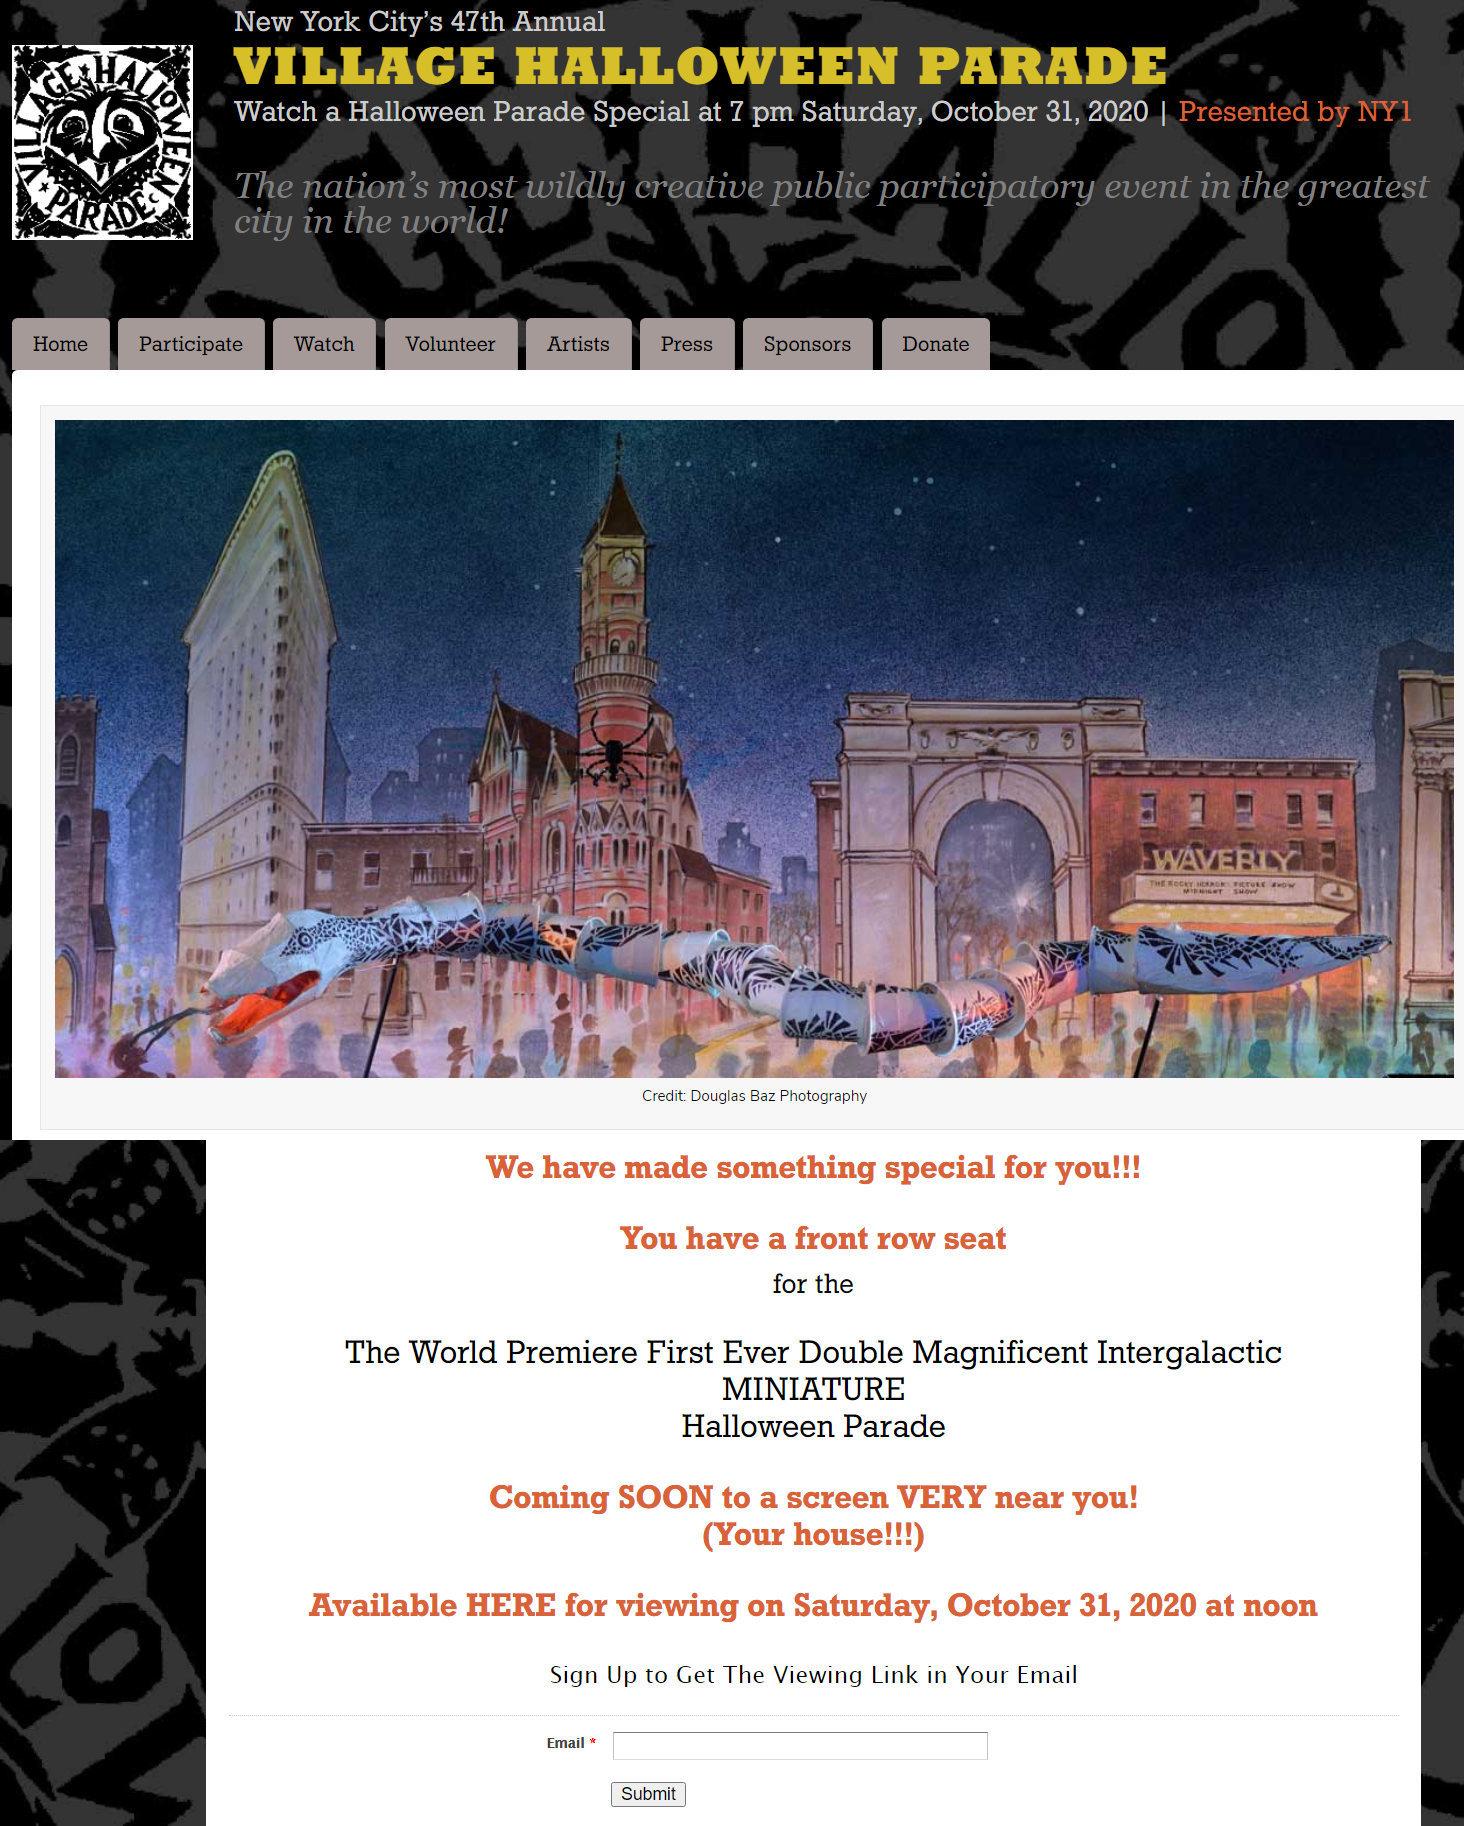 今年のニューヨークのハロウィン・パレードは、史上初ミニチュア・パレードを動画配信!_b0007805_01153934.jpg